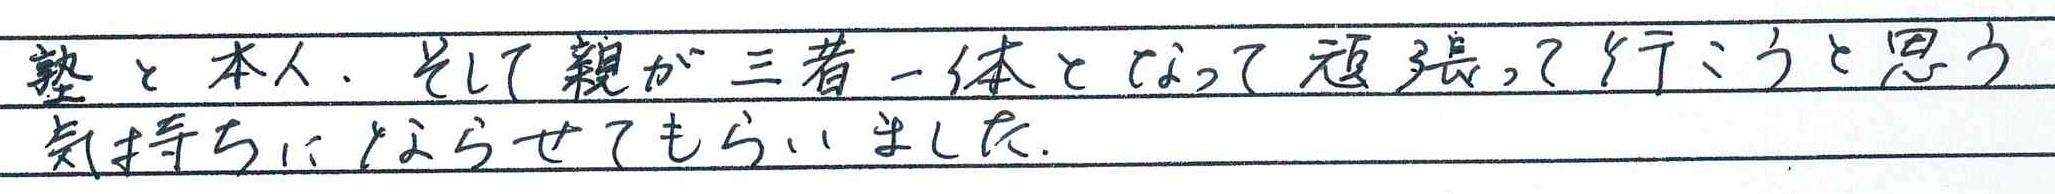 【2016年】高校入試ガイダンス_b0219726_16004613.jpg